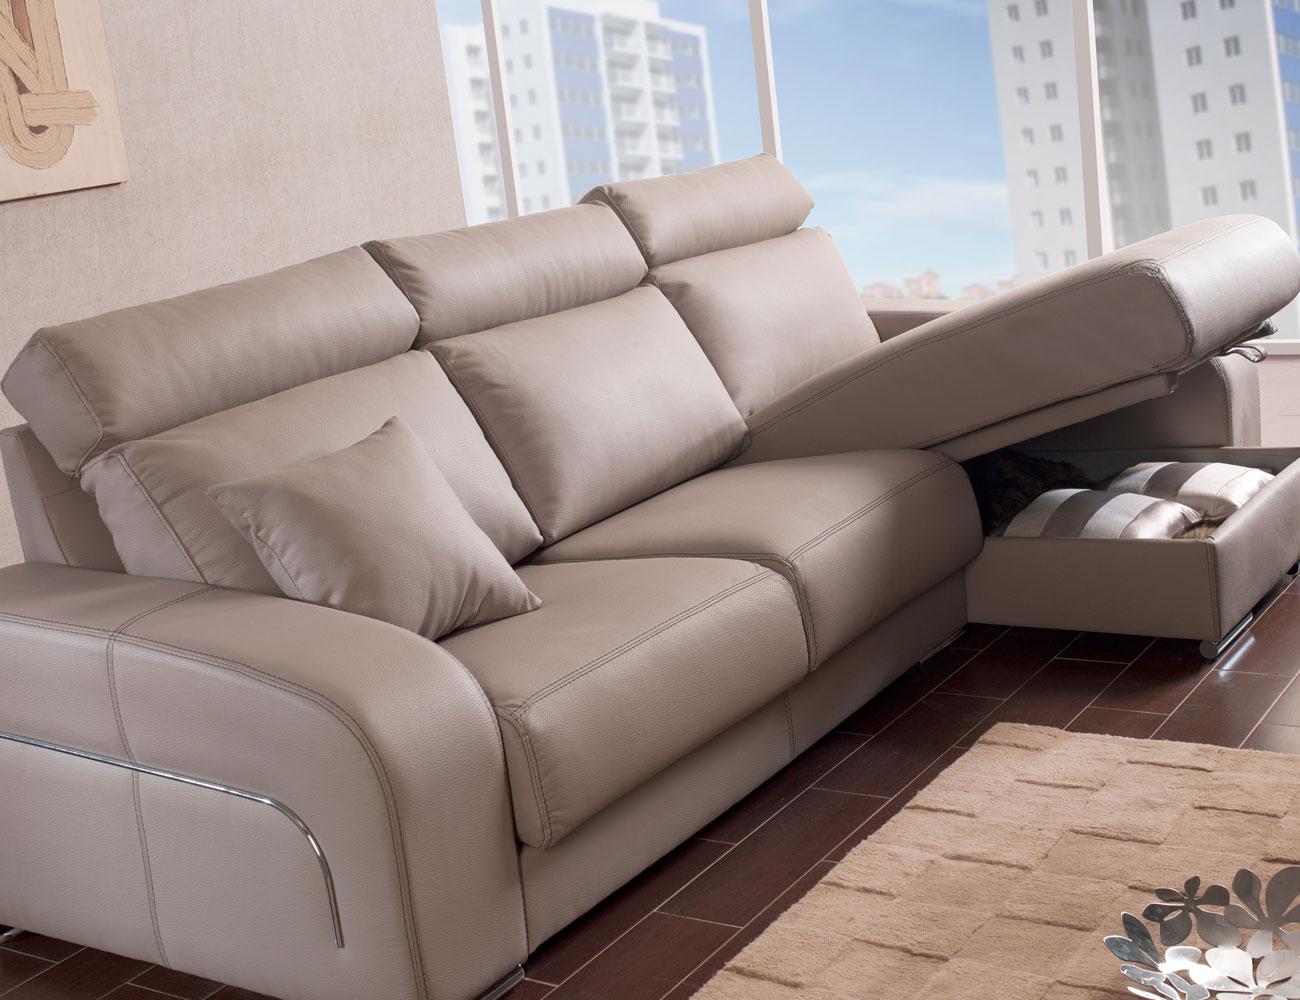 Sofa chaiselongue moderno pared cero arcon27